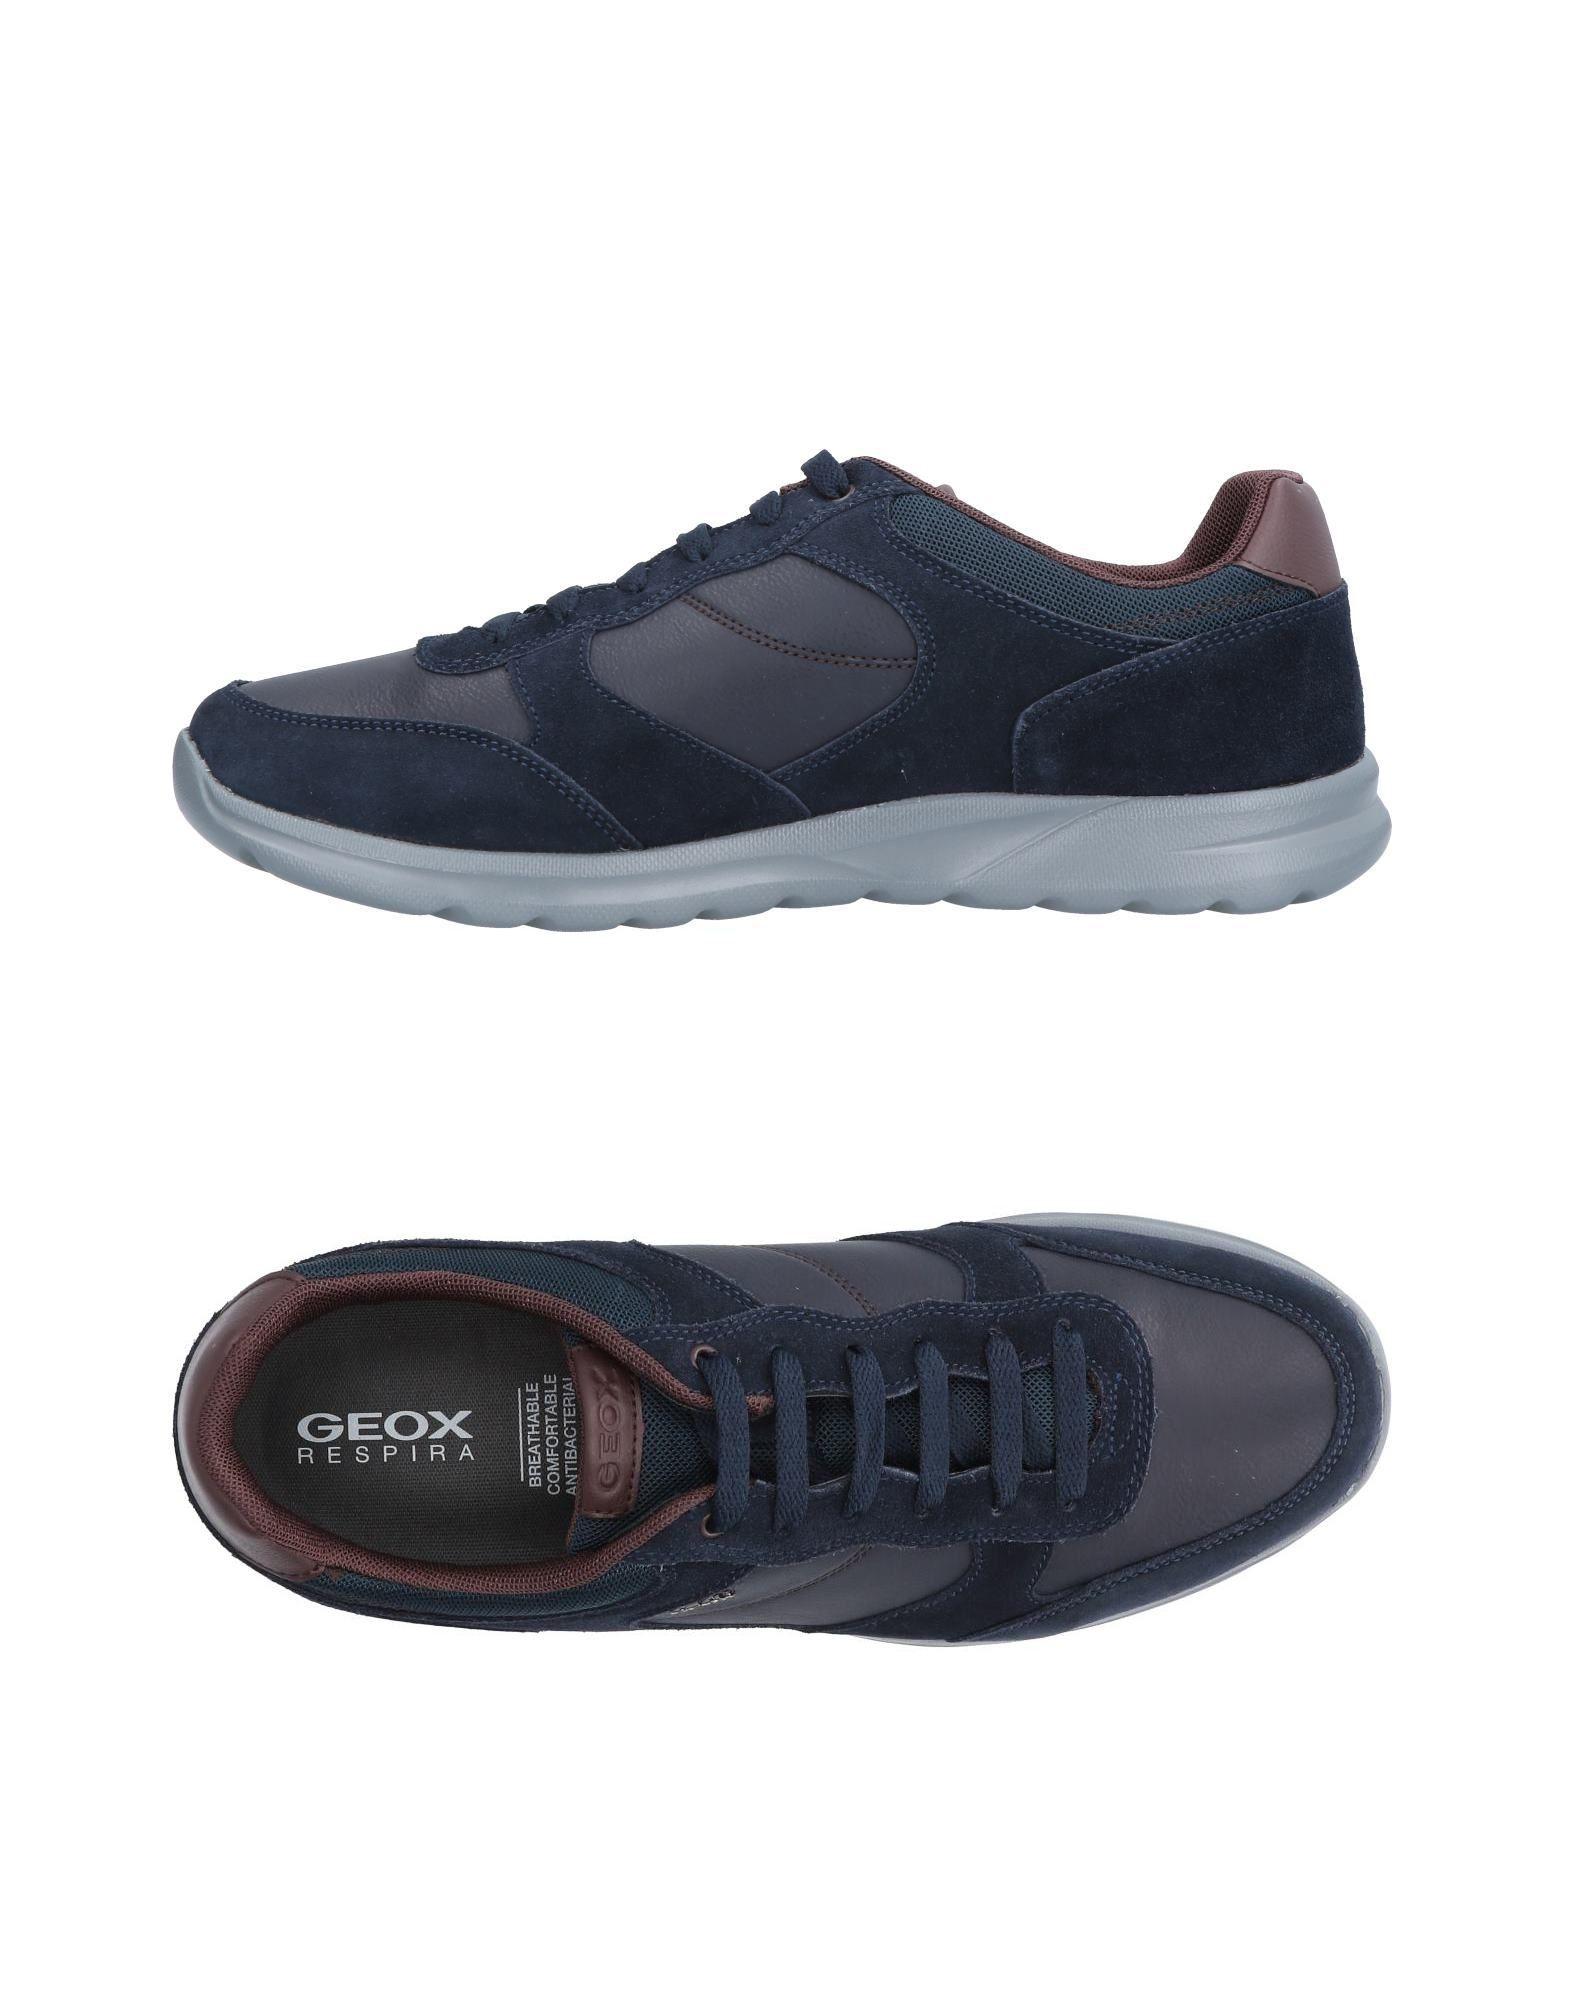 Geox Herren Sneakers Herren Geox  11496672AD Heiße Schuhe 6f736c